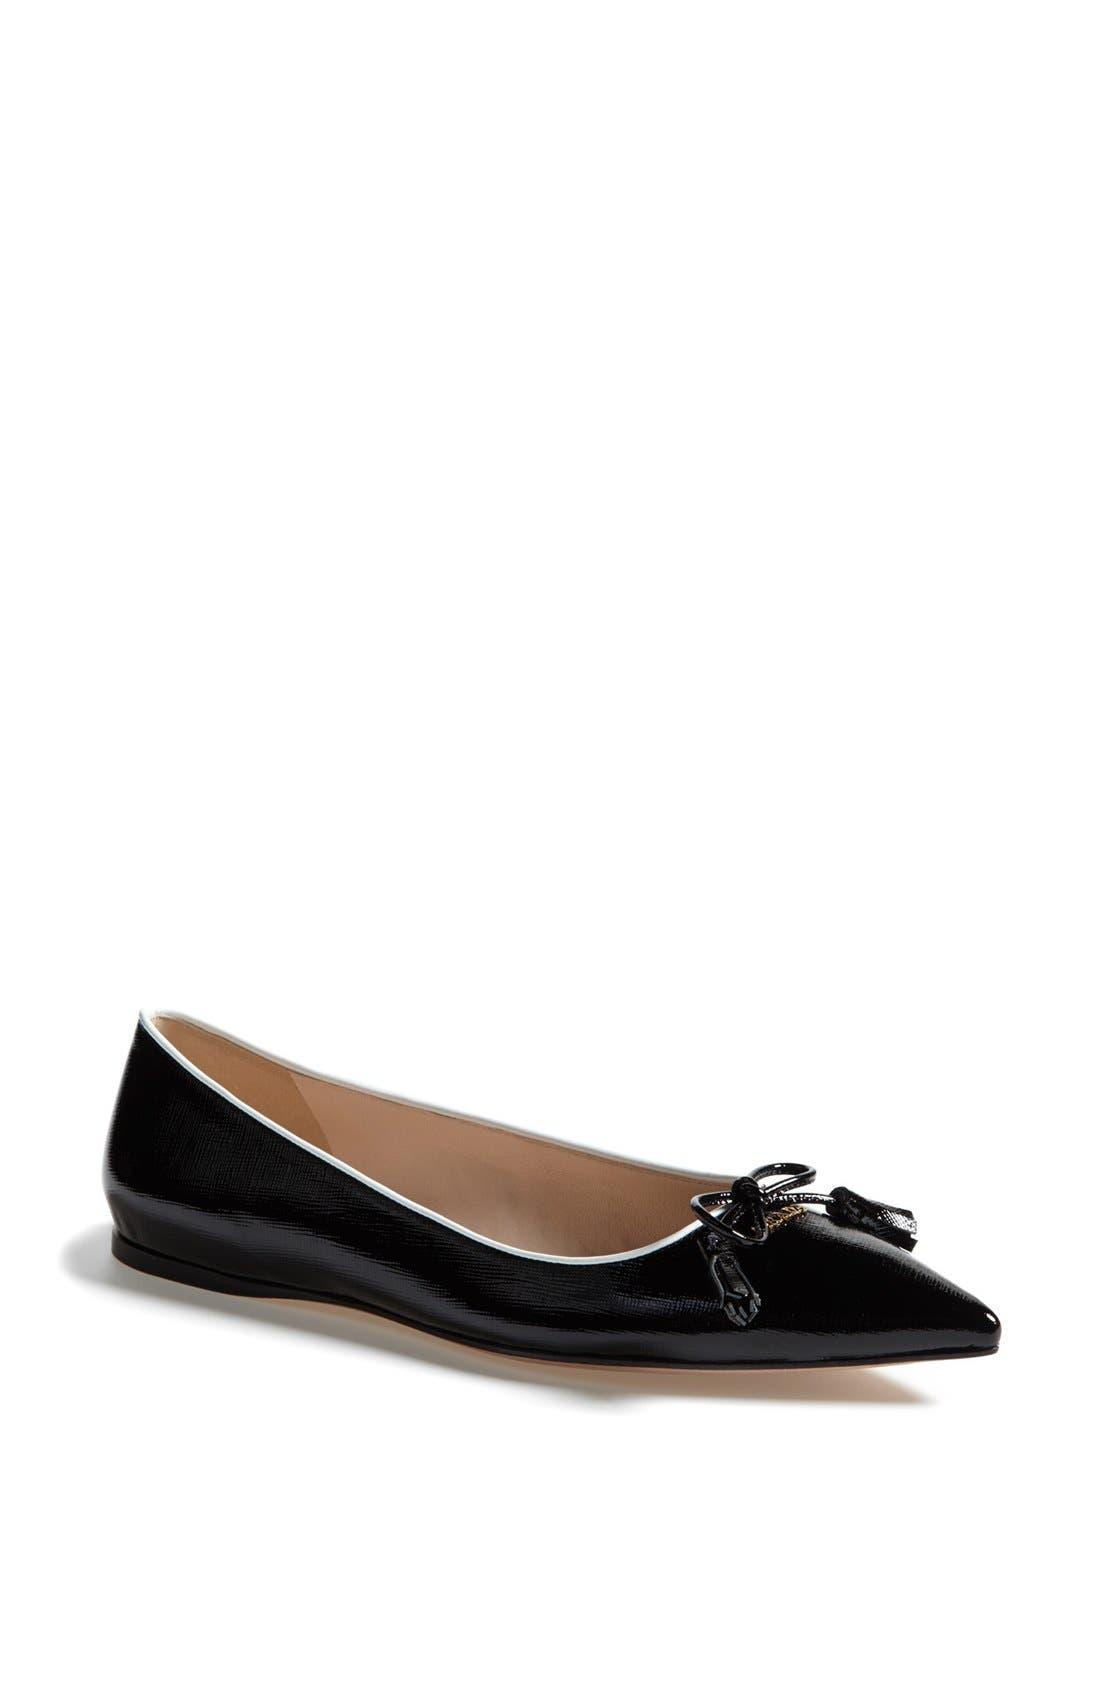 Main Image - Prada Pointed Toe Logo Ballet Flat